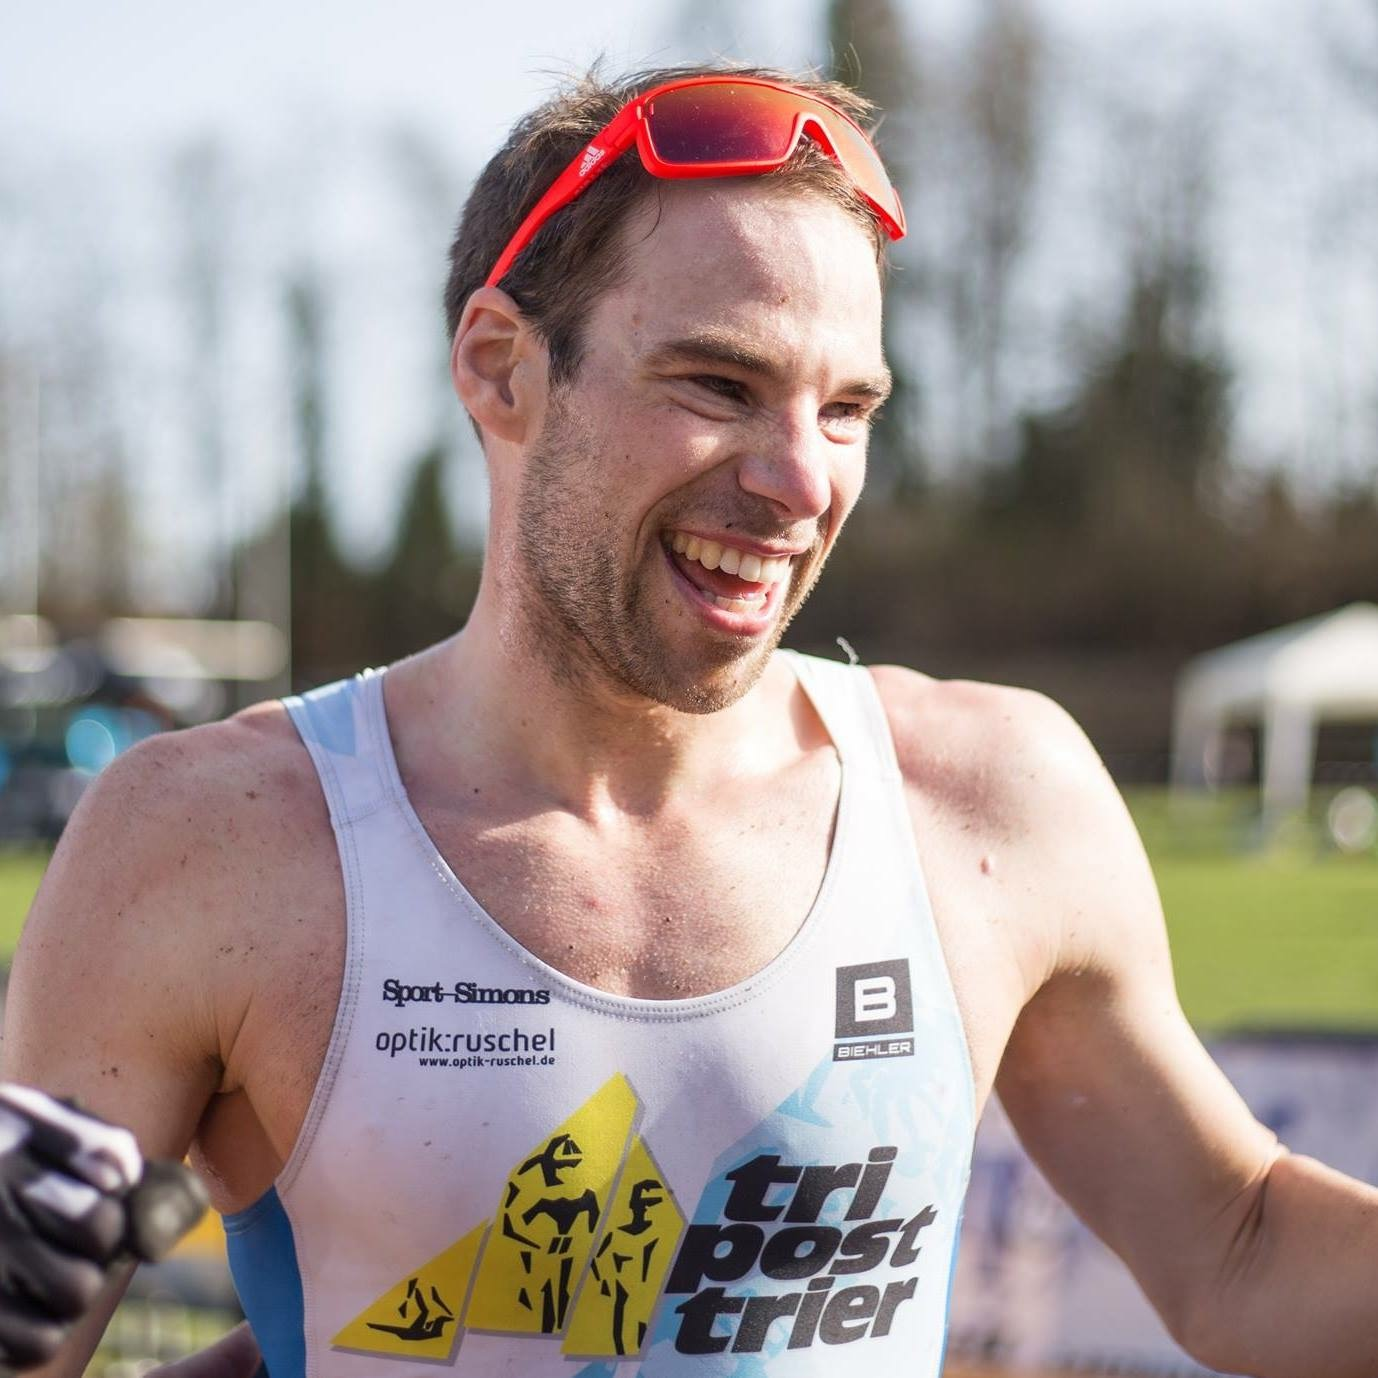 Jens Roth Monzelfelder Triathlet Saison 2017 Superbilanz